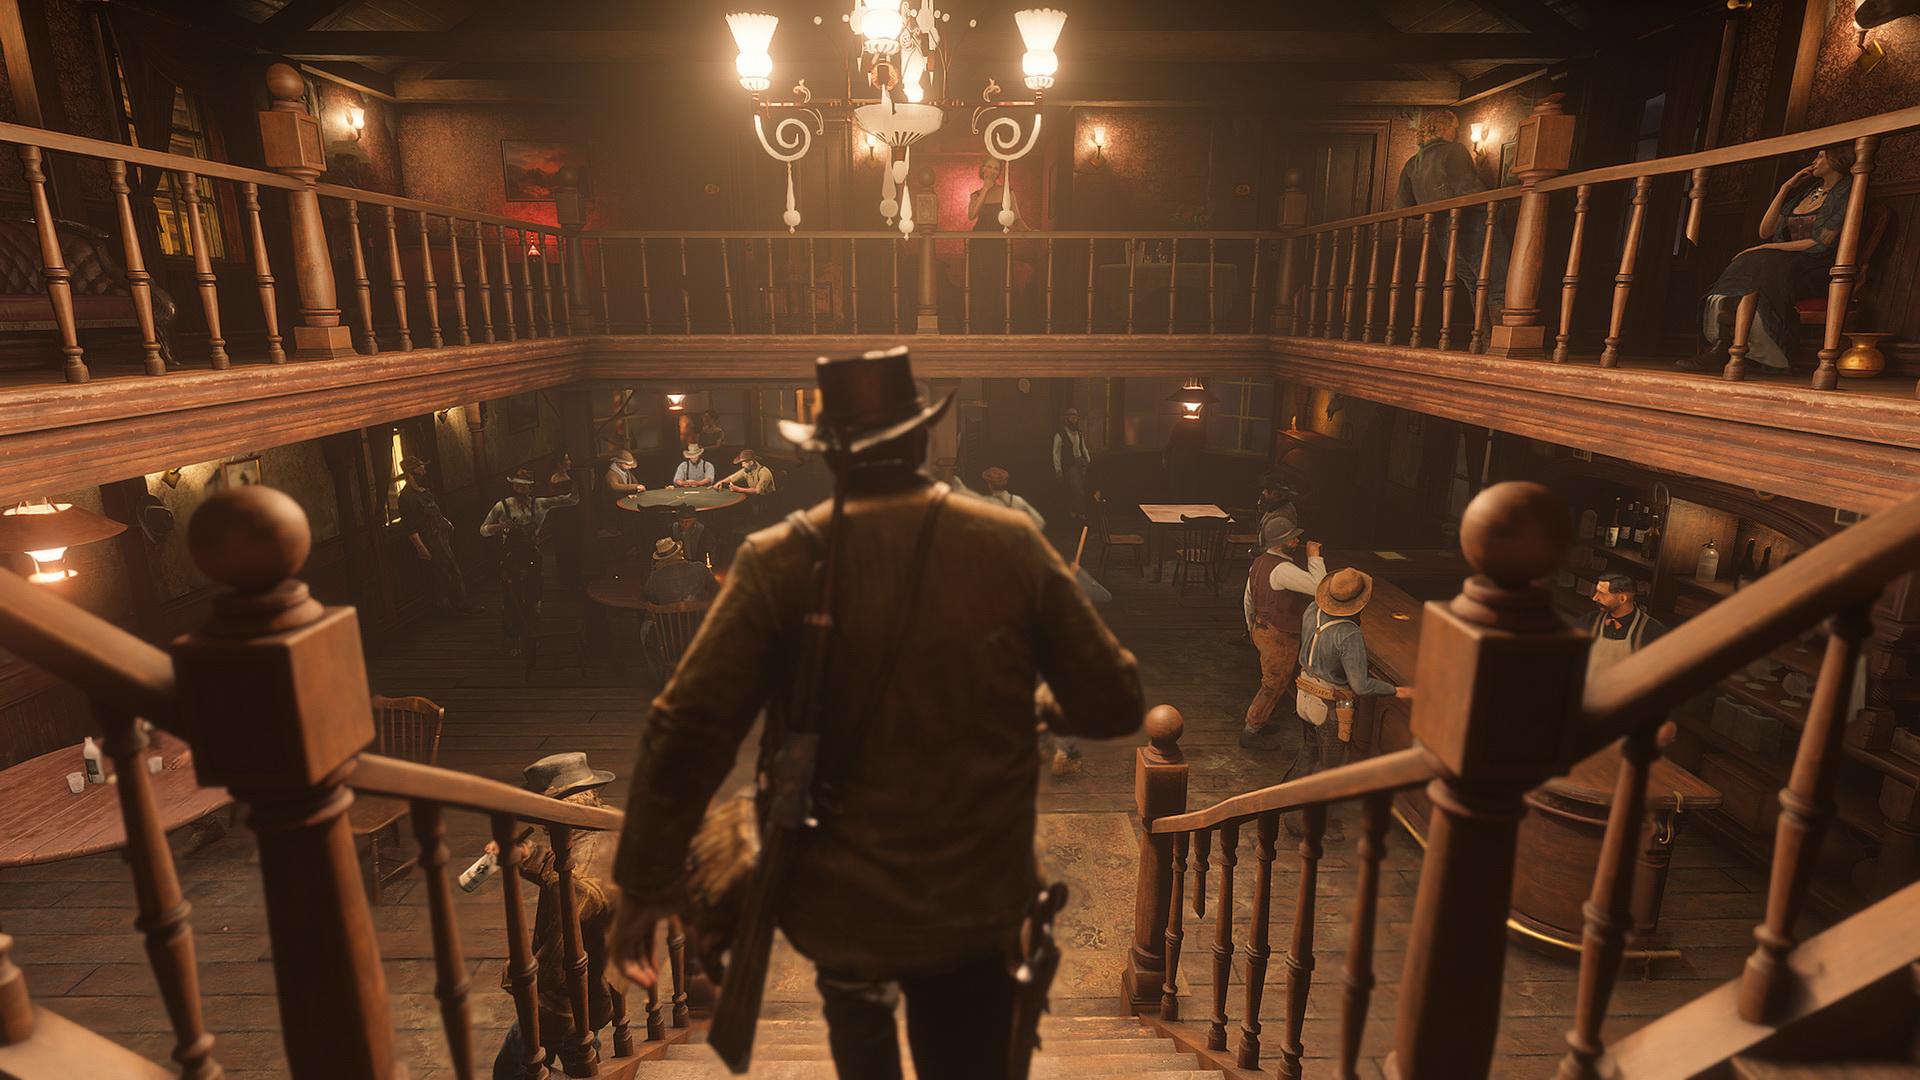 《荒野大鏢客2》深度解析 AI、畫面、玩法全面進化